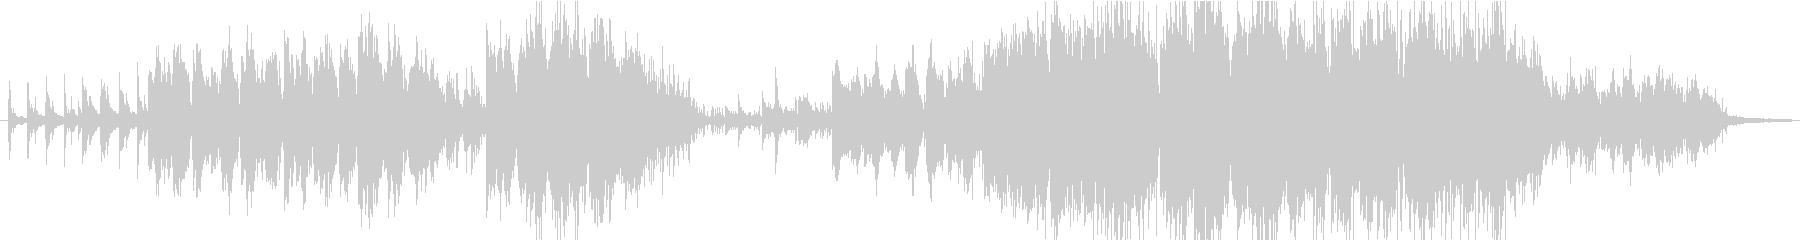 ピアノとサックスだけの静かなバラードの未再生の波形